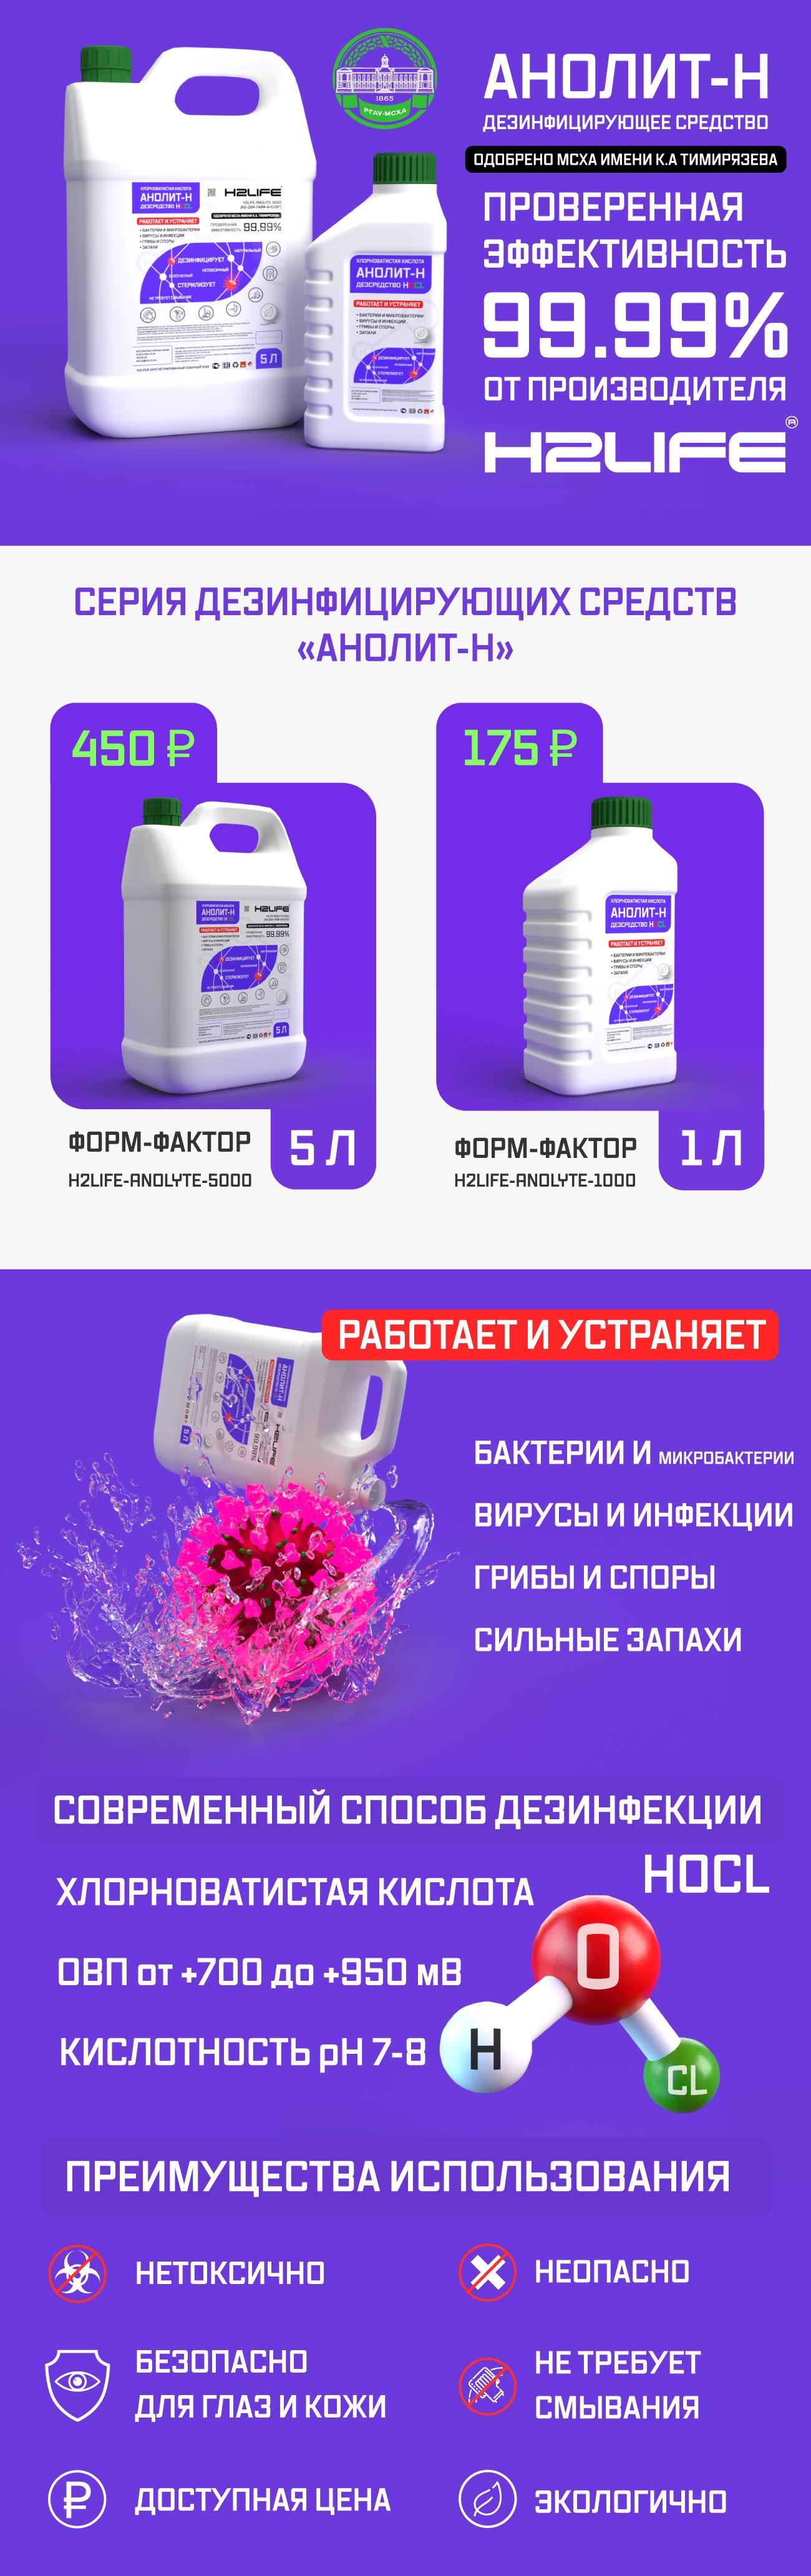 Дезинфицирующее средство H2lIFE анолит н